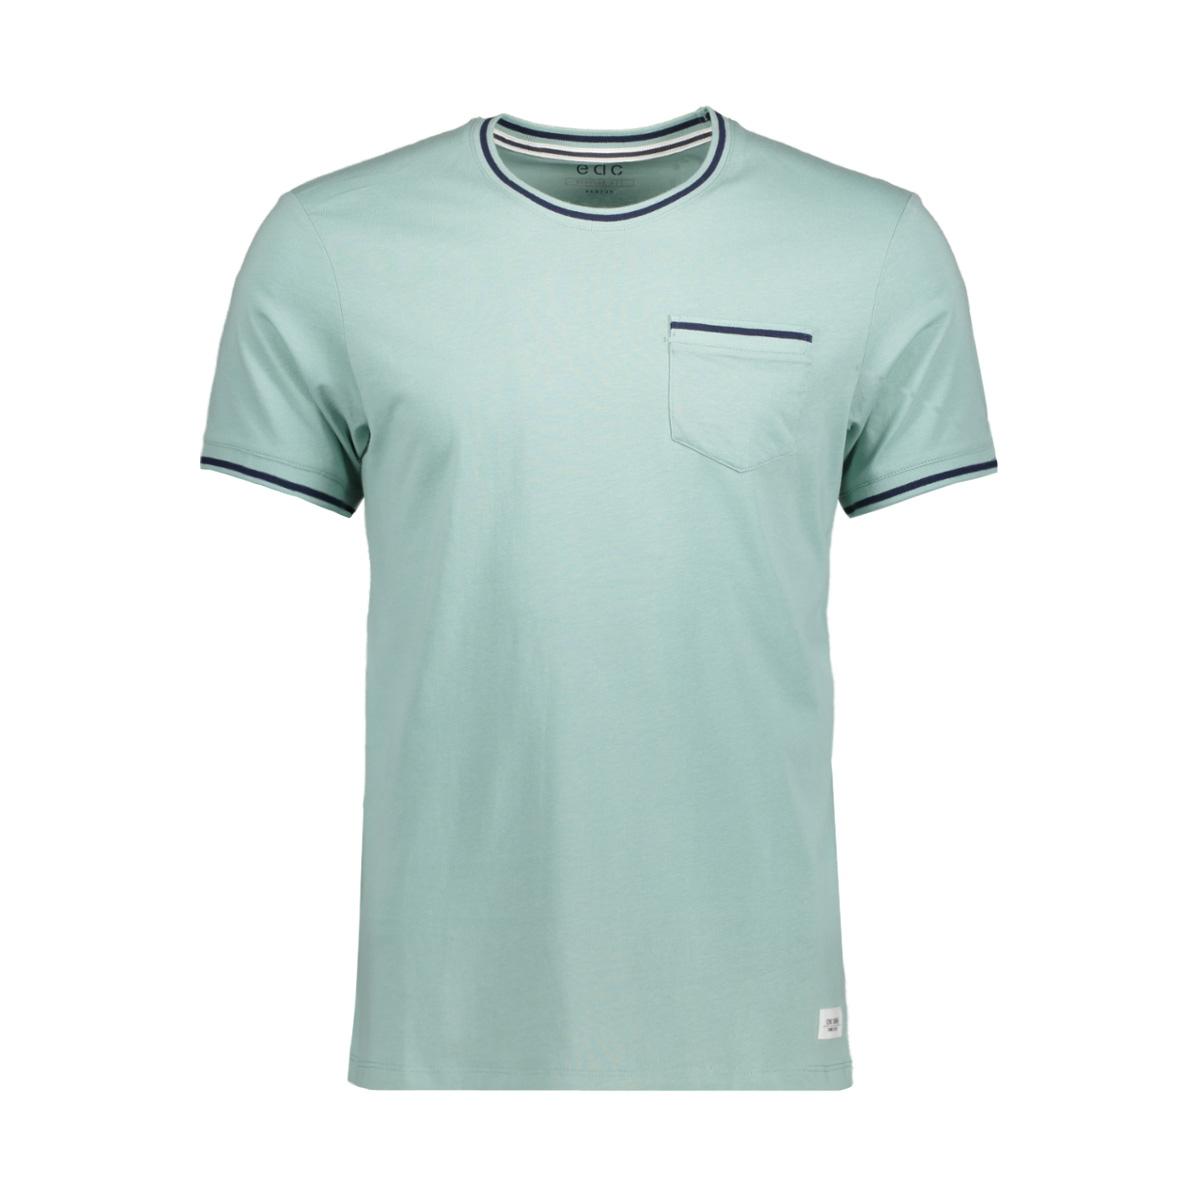 097cc2k003 edc t-shirt c335